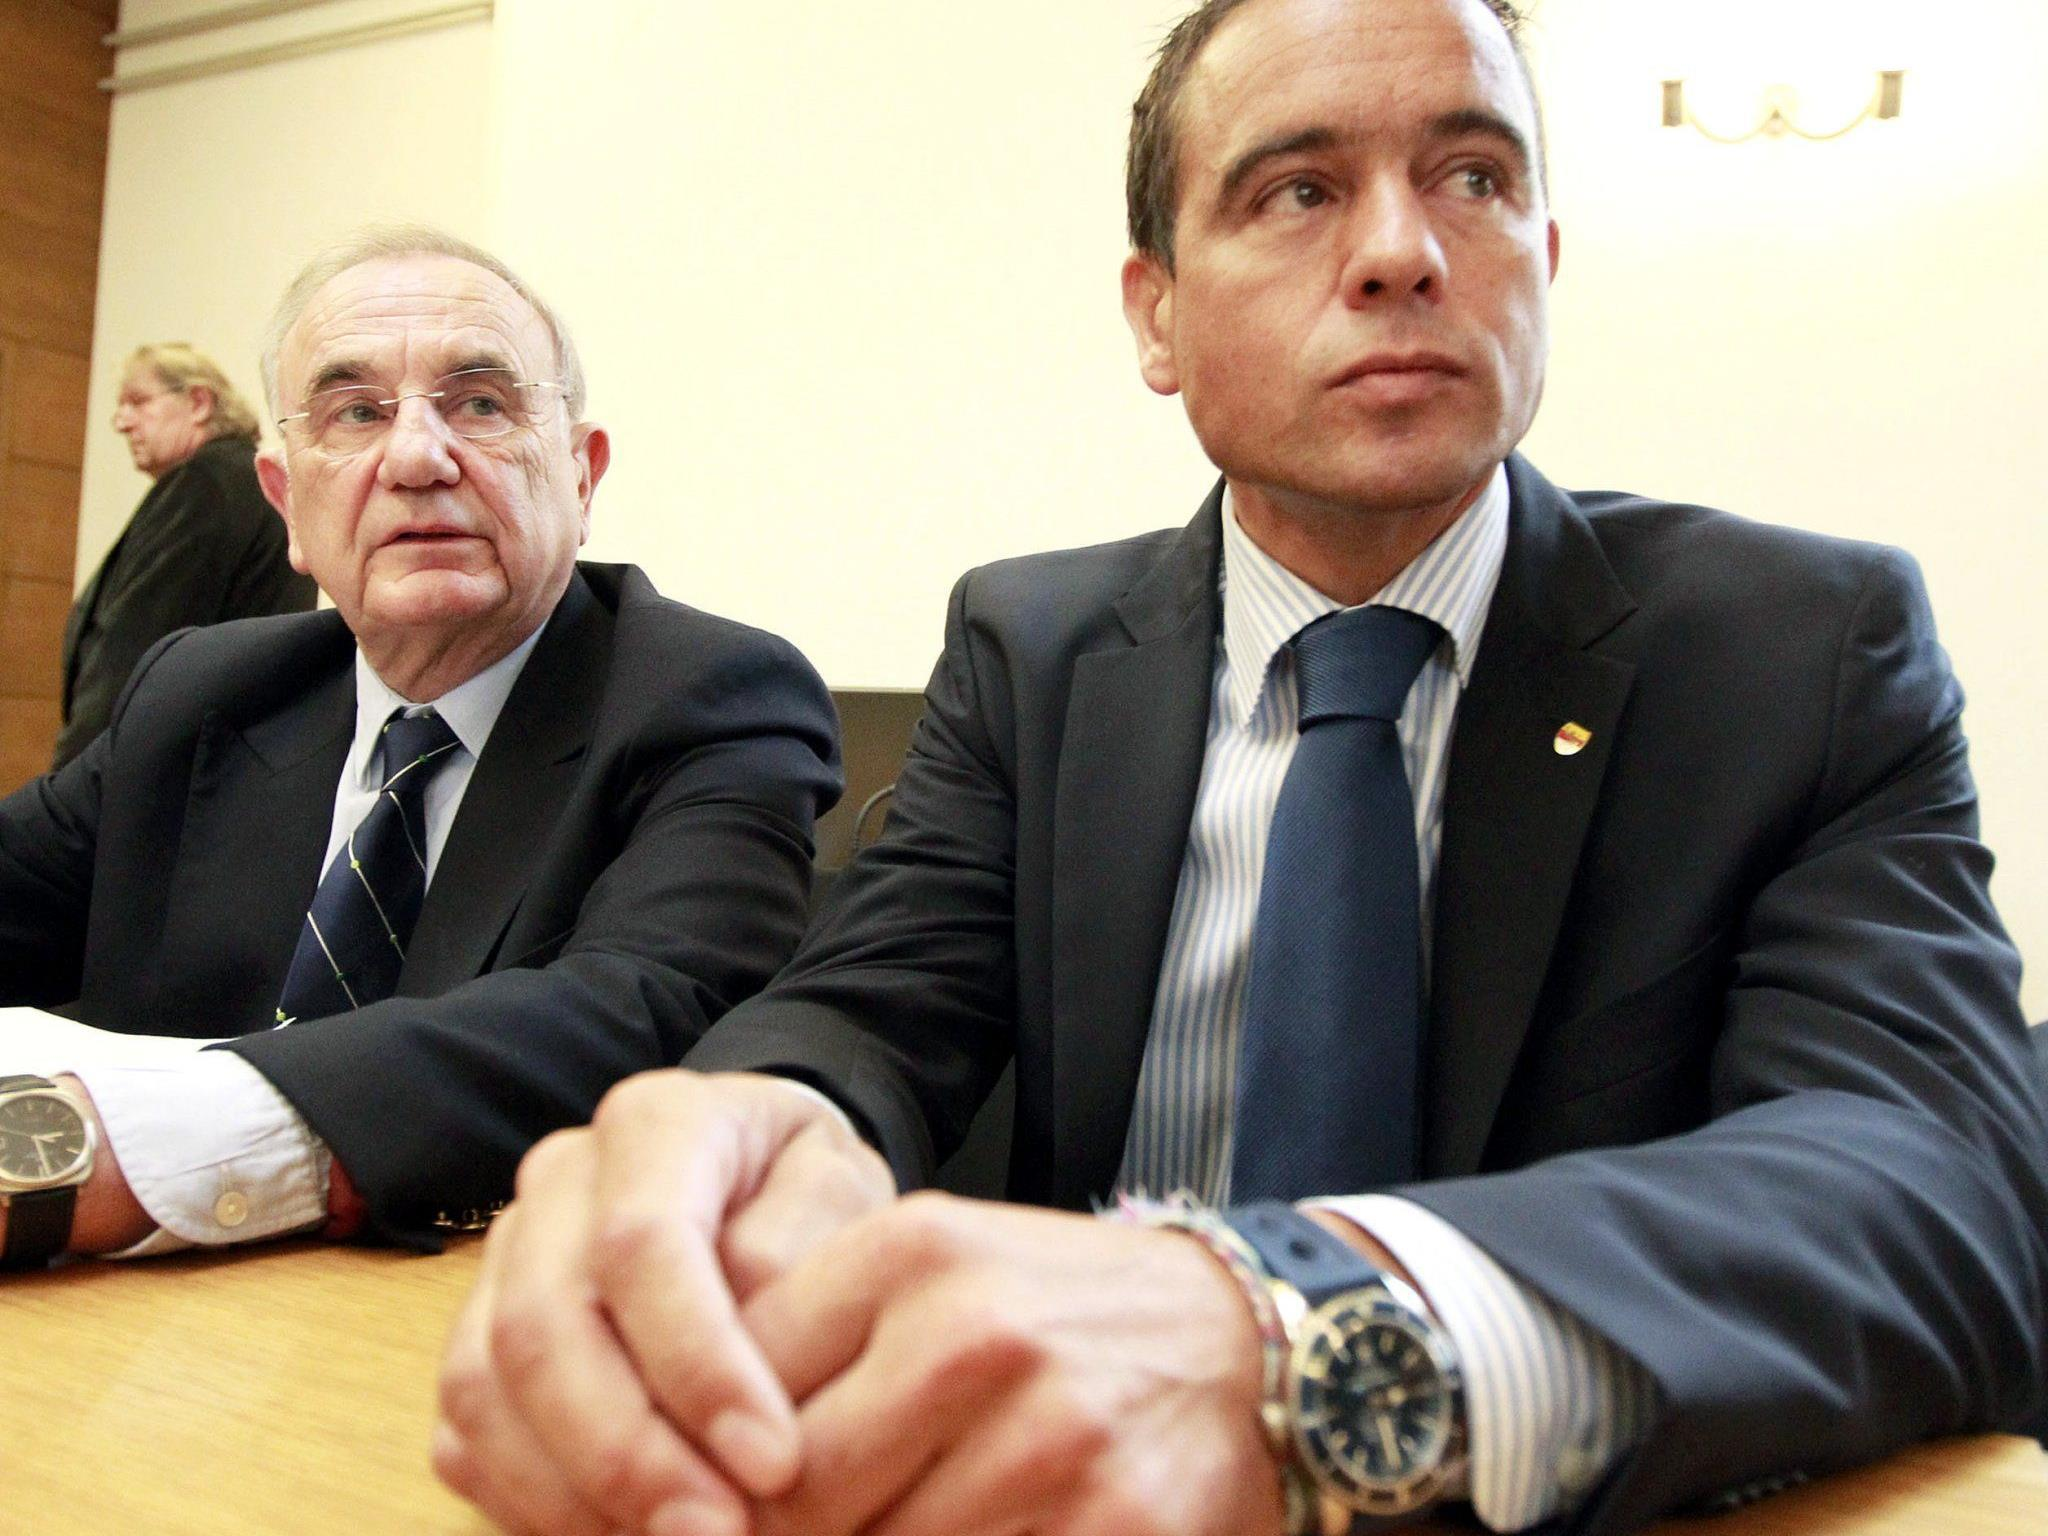 Scheuch war am 2. August vergangenen Jahres wegen des Verbrechens der Geschenkannahme durch Amtsträger verurteilt worden.